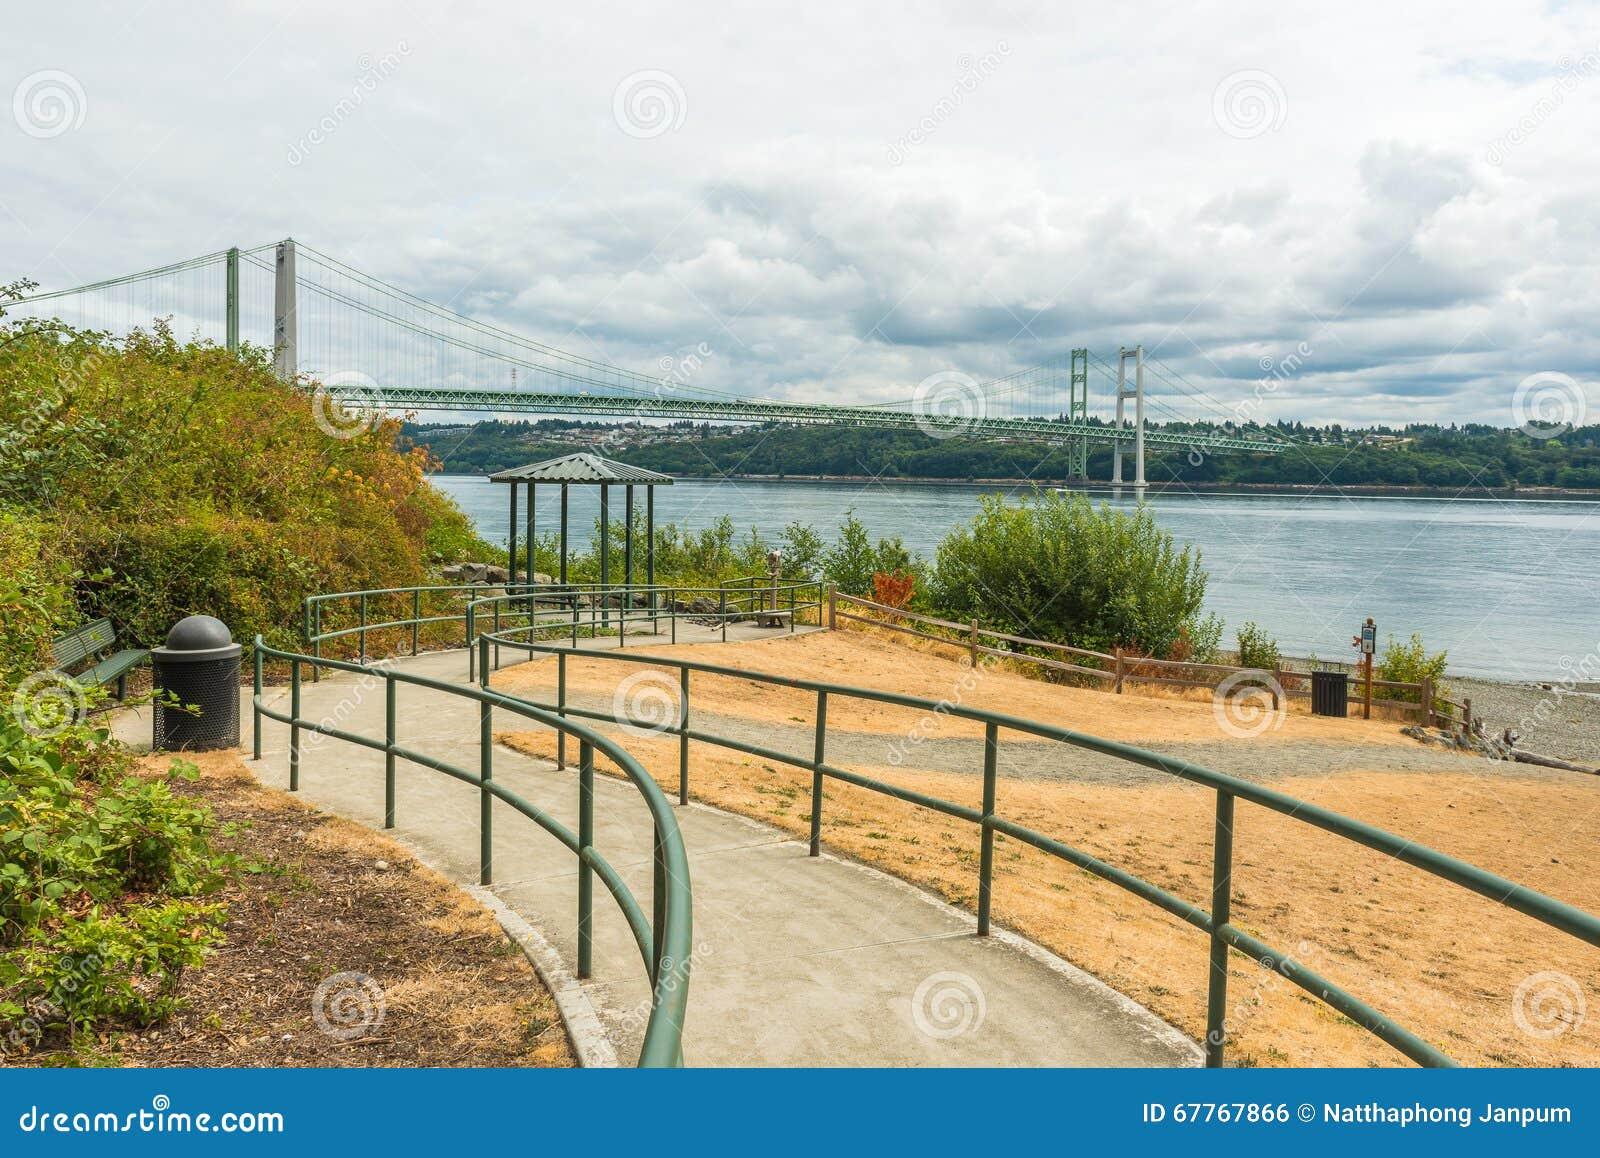 Banan till parkera i trångt pass stålsätter broområde i Tacoma, Washington, USA